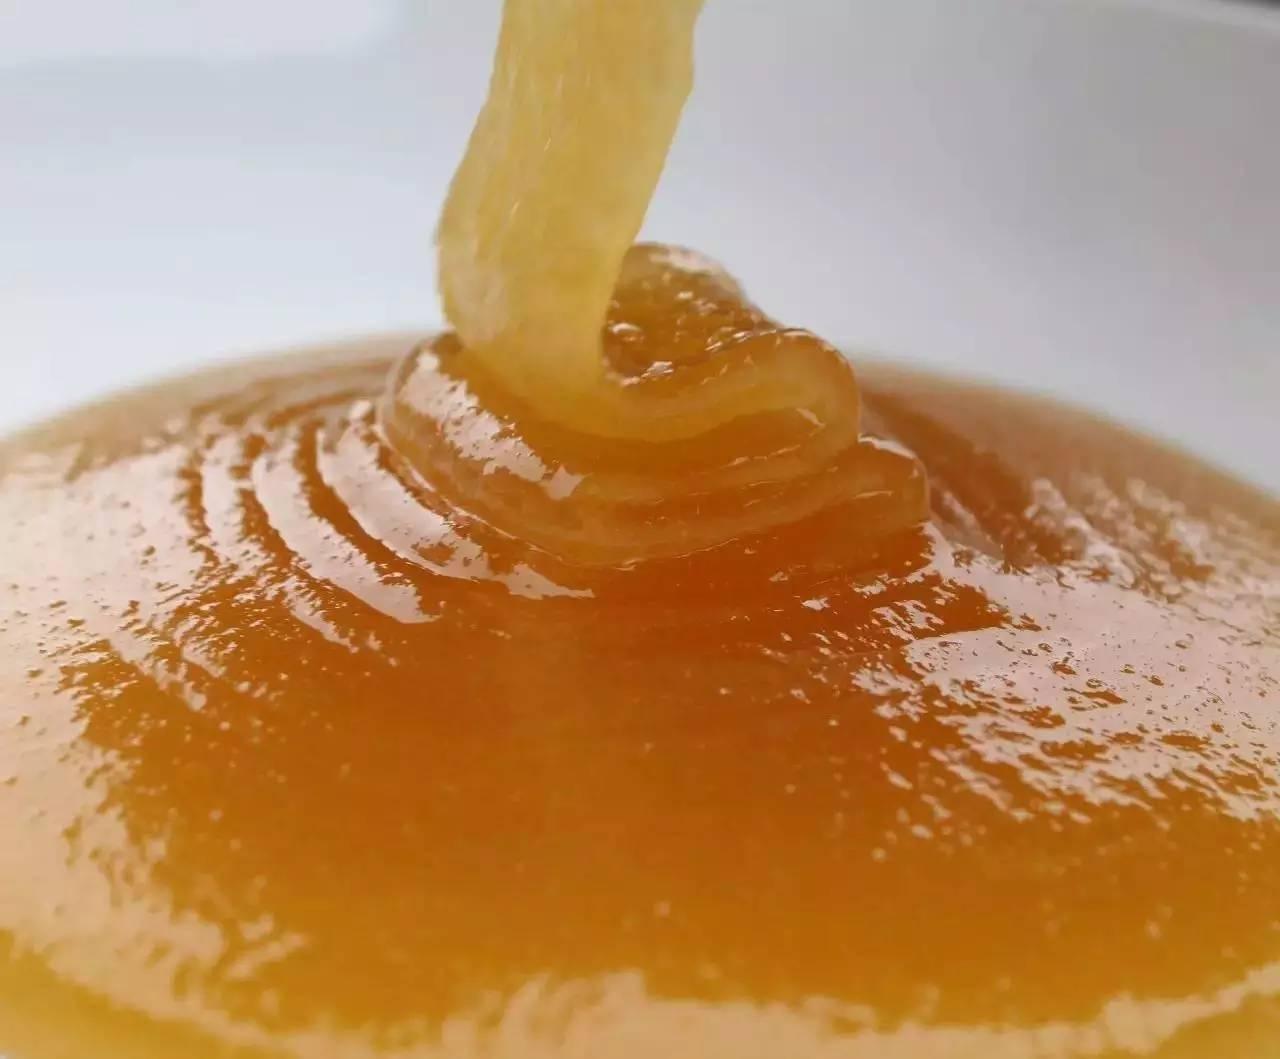 固体蜂蜜能带上飞机吗 睡前喝蜂蜜水 茉莉花蜂蜜茶 女人蜂蜜 黎光蜂蜜